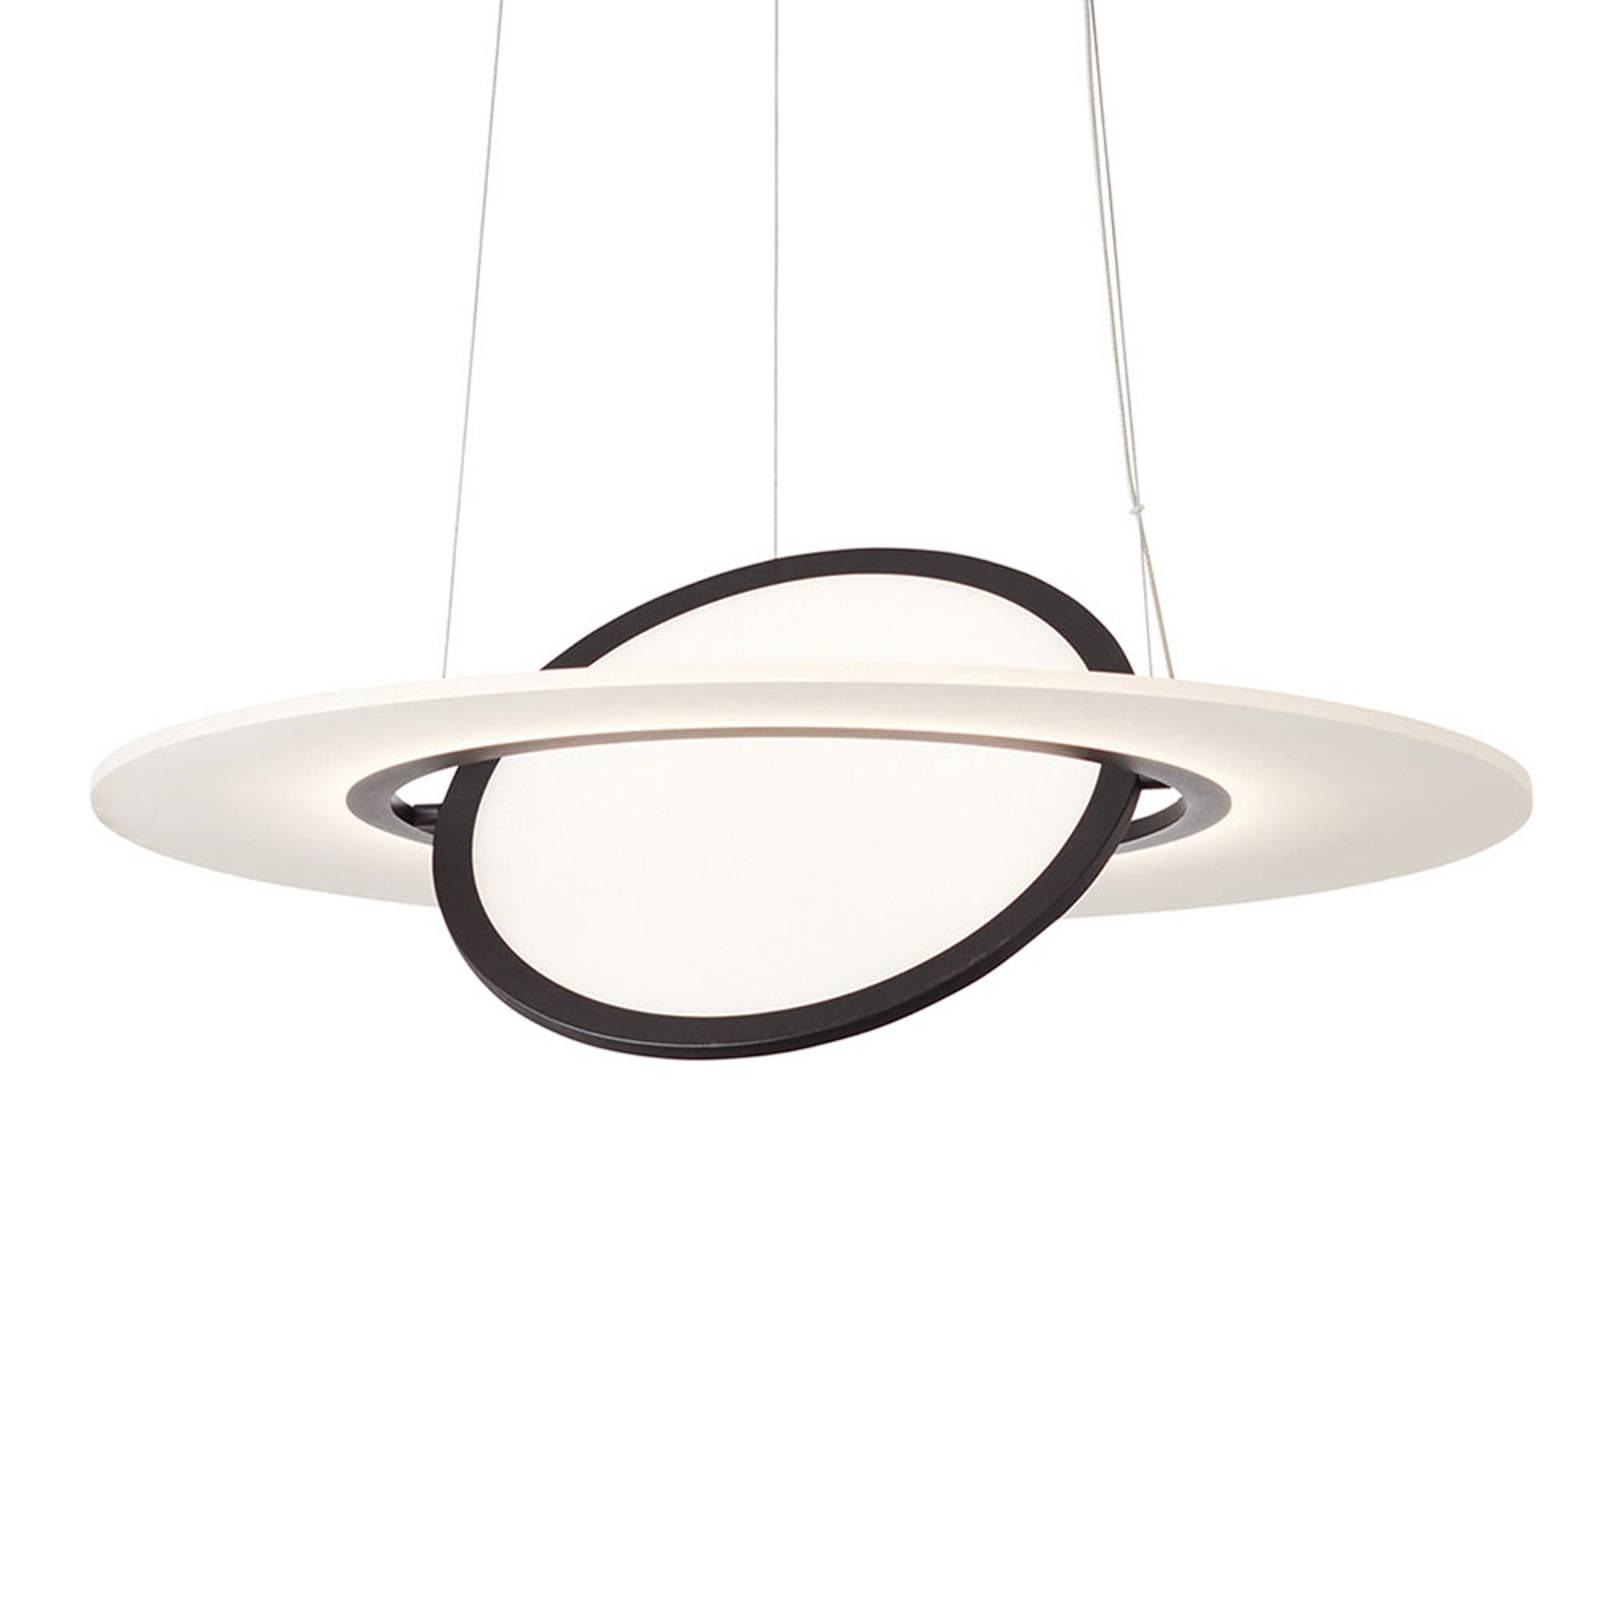 AEG Olia -LED-riippuvalaisin pyöreä CCT, himmennys